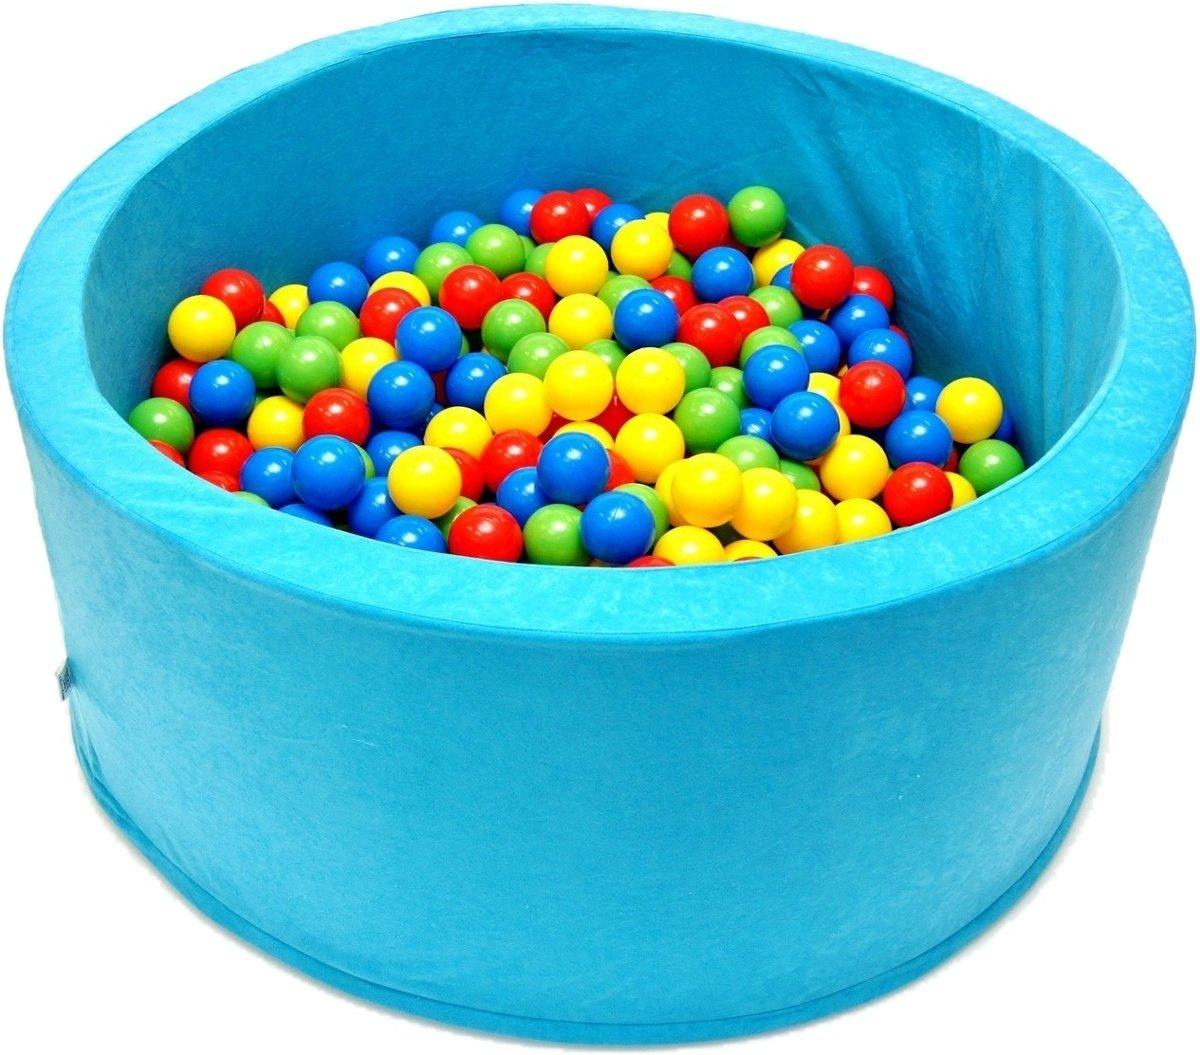 Ballenbak - stevige ballenbad -90 x 40 cm - lichtblauw inclusief 200 ballen Ø 7 cm - geel, groen, blauw en rood